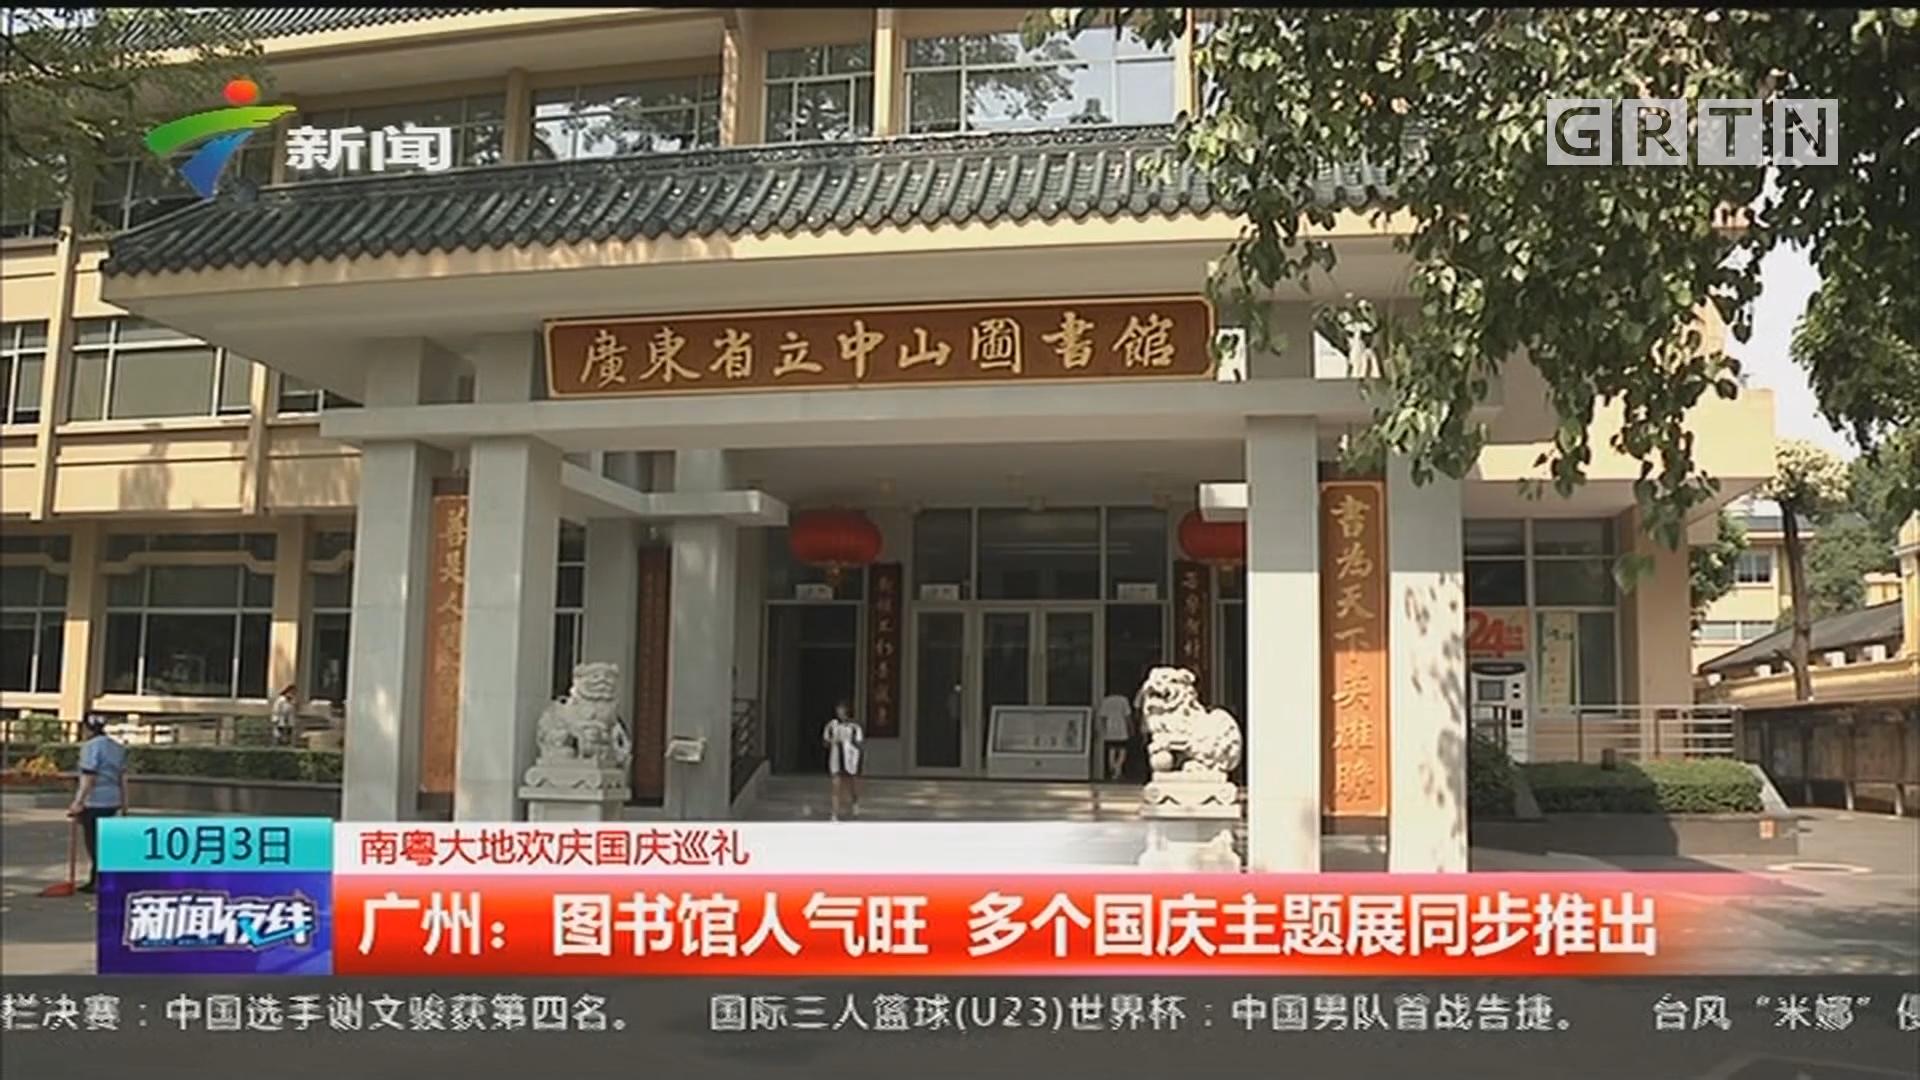 南粤大地欢庆国庆巡礼 广州:图书馆人气旺 多个国庆主题展同步推出